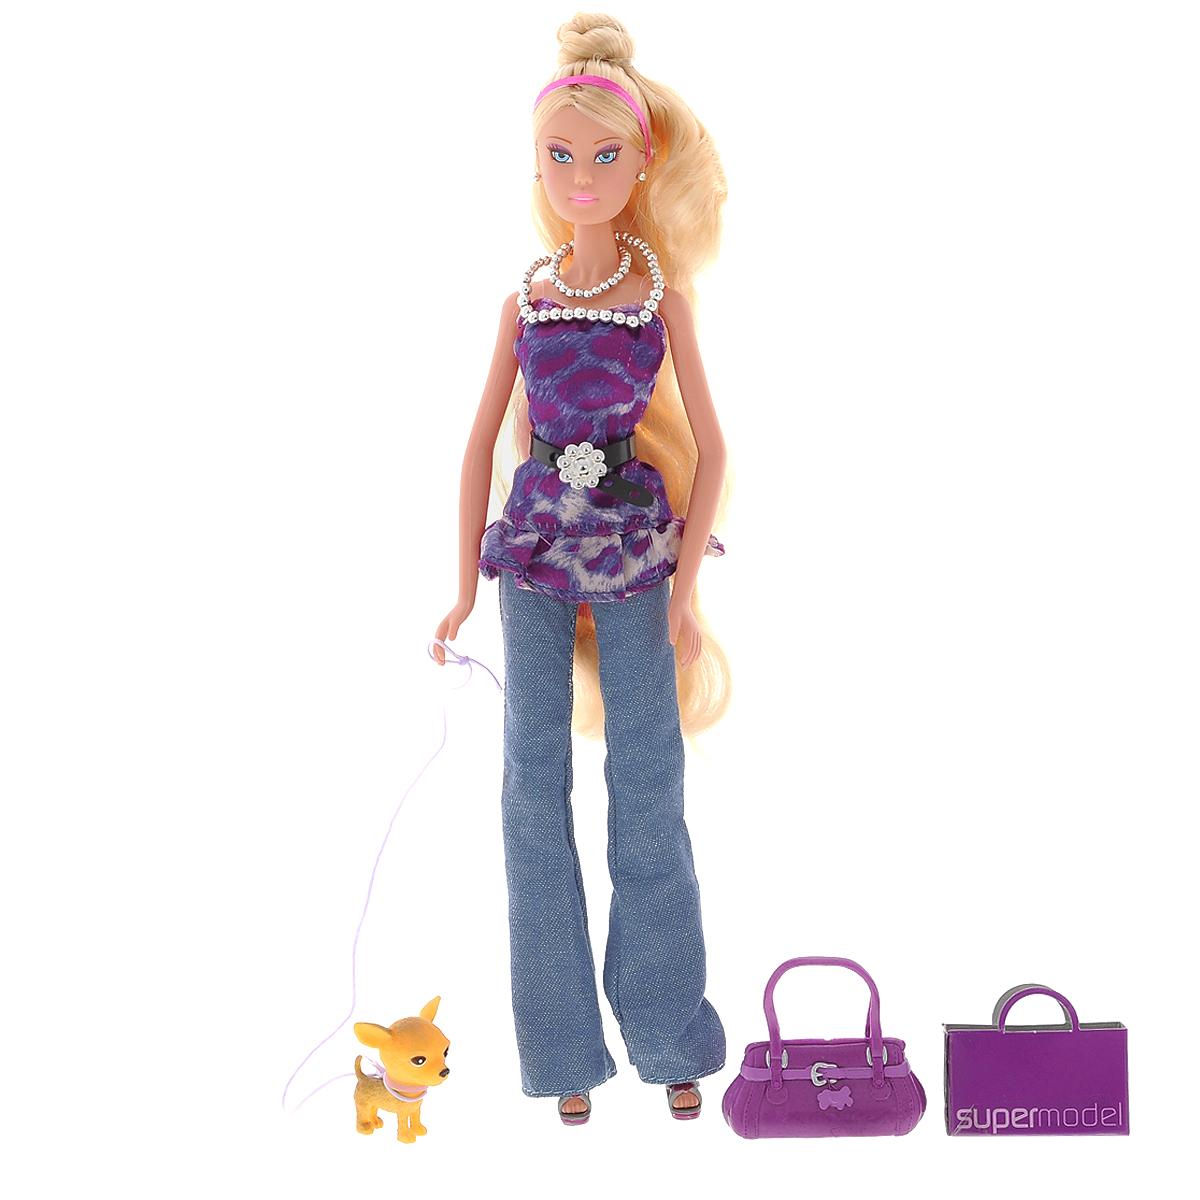 Simba Кукла Штеффи - пурпурная супермодель5737295Кукла Simba Штеффи - пурпурная супермодель надолго займет внимание вашей малышки и подарит ей множество счастливых мгновений. Кукла изготовлена из прочного материала, ее голова, ручки и ножки подвижны, что позволяет придавать ей разнообразные позы. Стильная кукла Штеффи собирается на прогулку со своей собачкой. Штеффи-пурпурная супермодель одевается по последней моде, поэтому в ее наряде так много сиреневого цвета. Ведь это самый актуальный цвет в этом сезоне! Для вашей малышки в наборе тоже найдется модный аксессуар - ожерелье на шелковой веревочке.